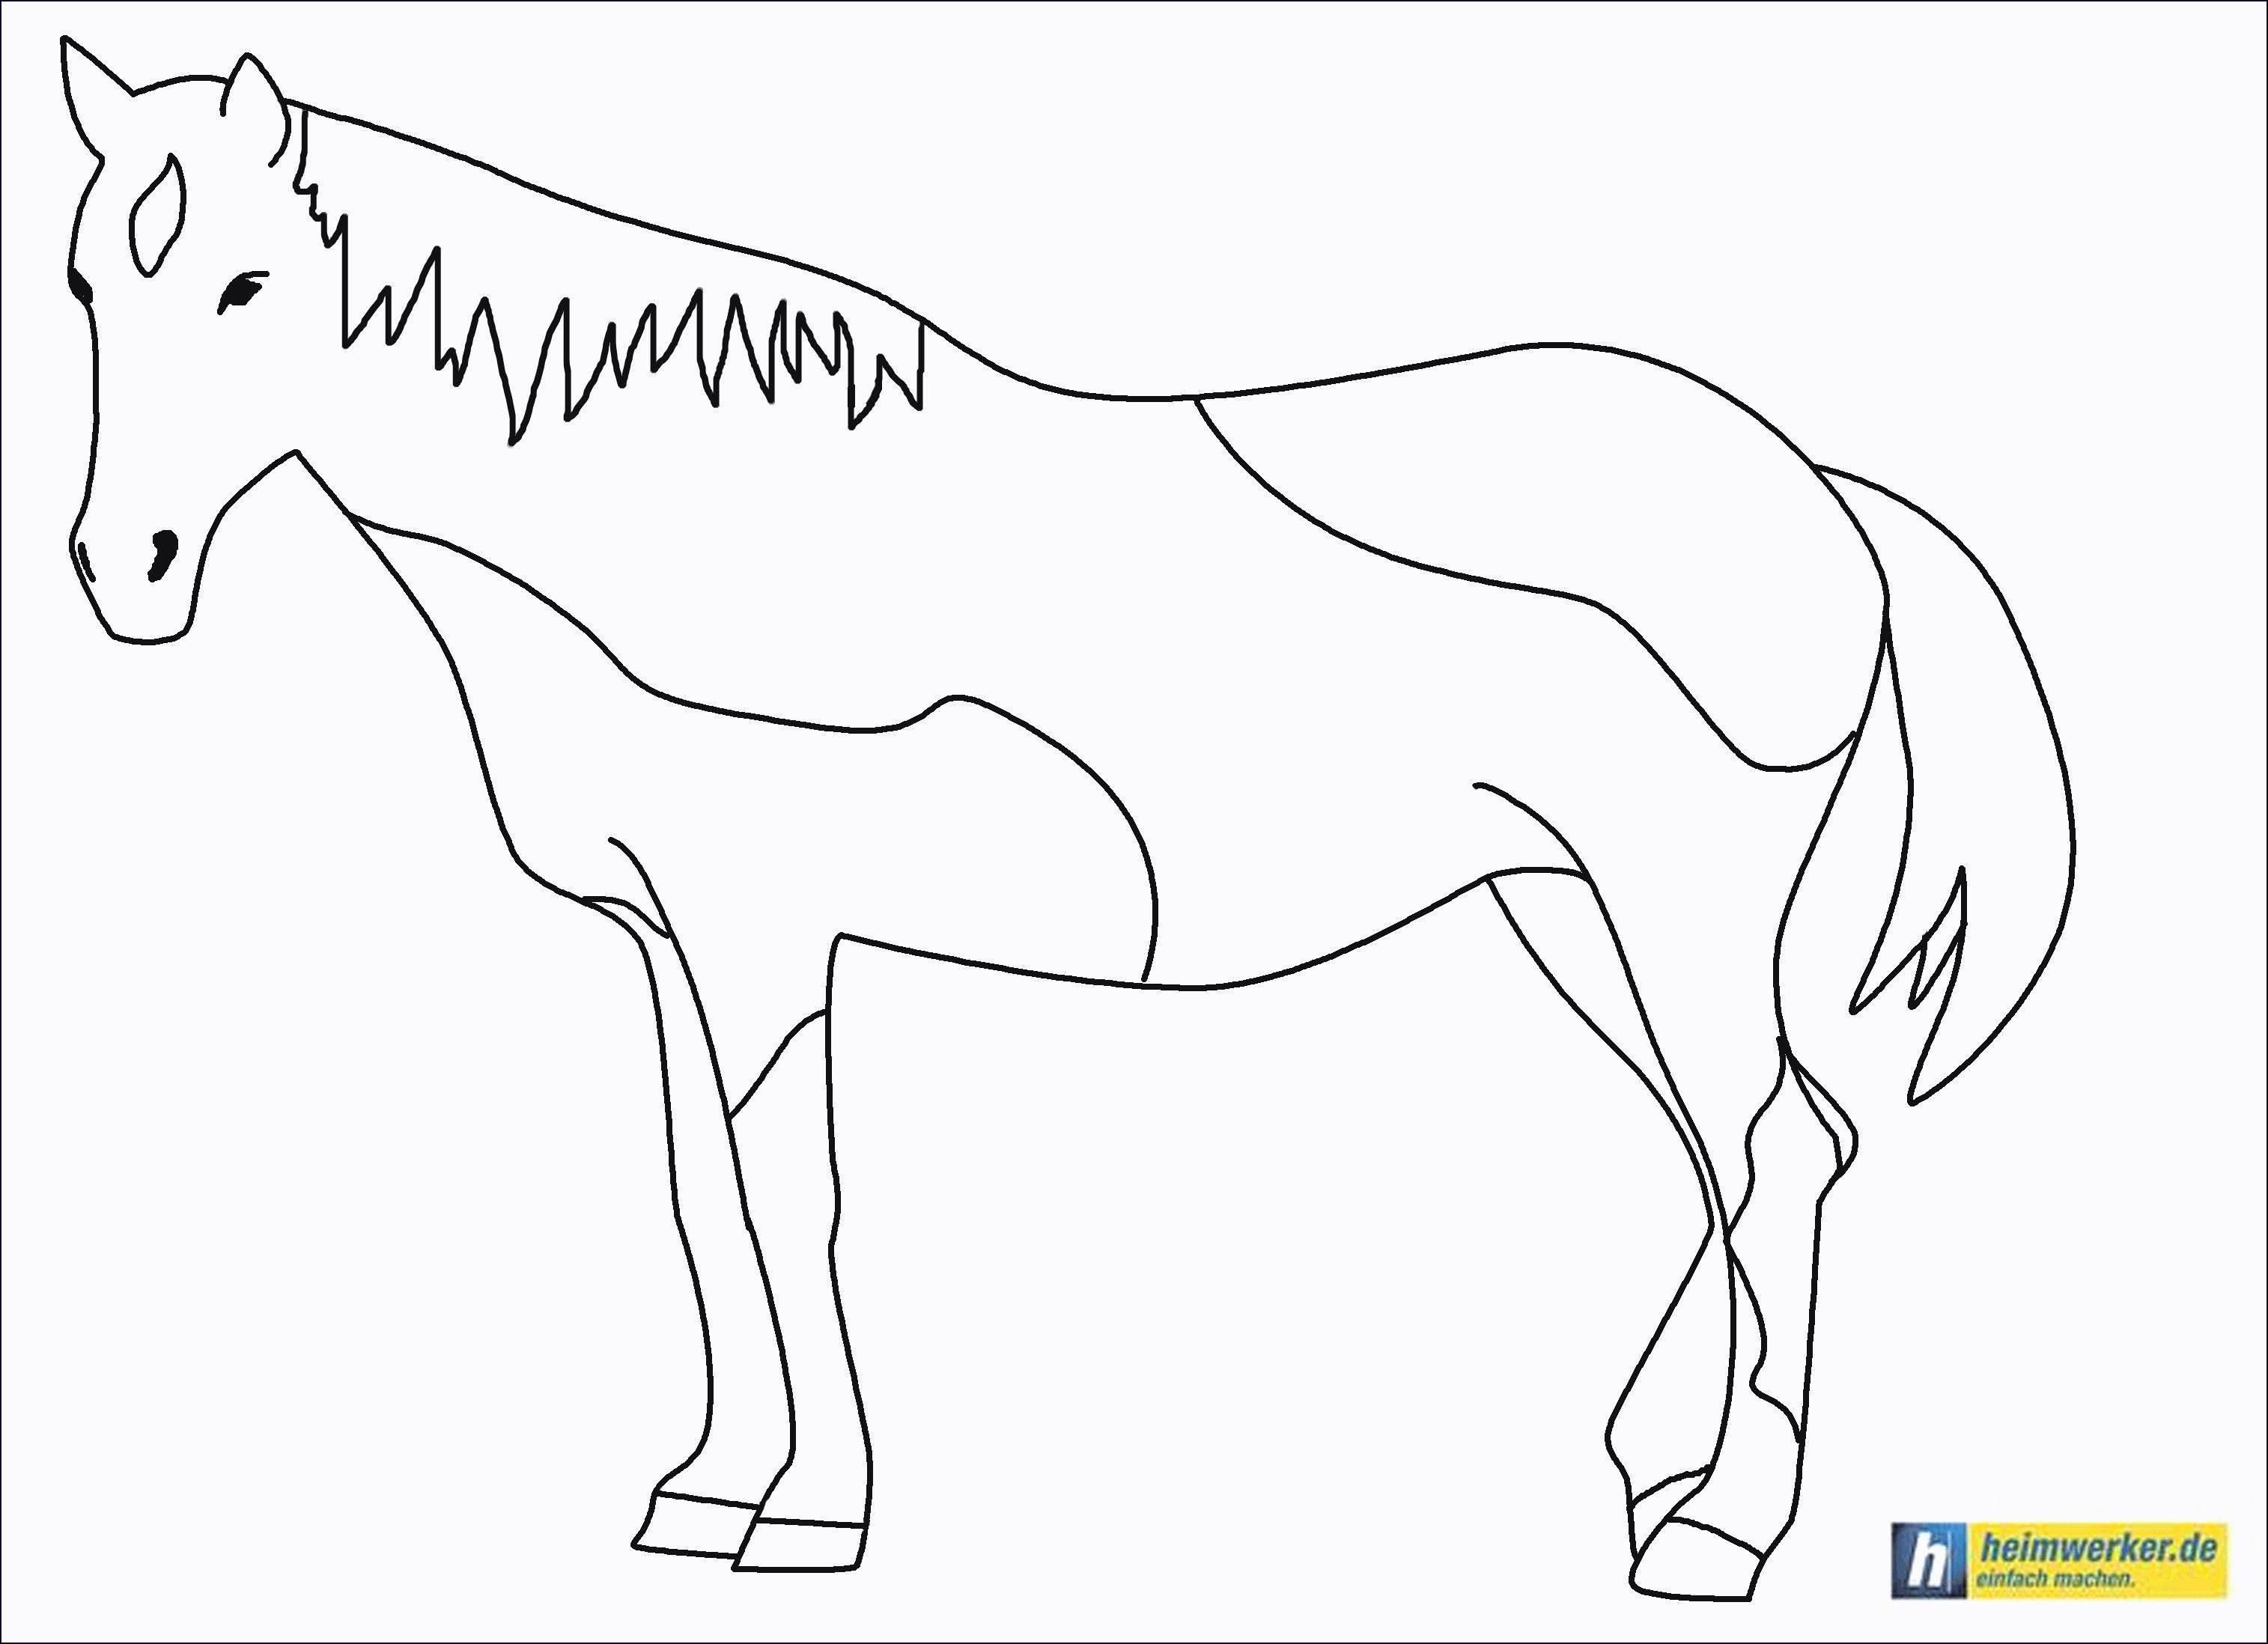 Ausmalbild Pferd Mit Reiter Genial 45 Pferd Mit Reiter Ausmalbild Galerie